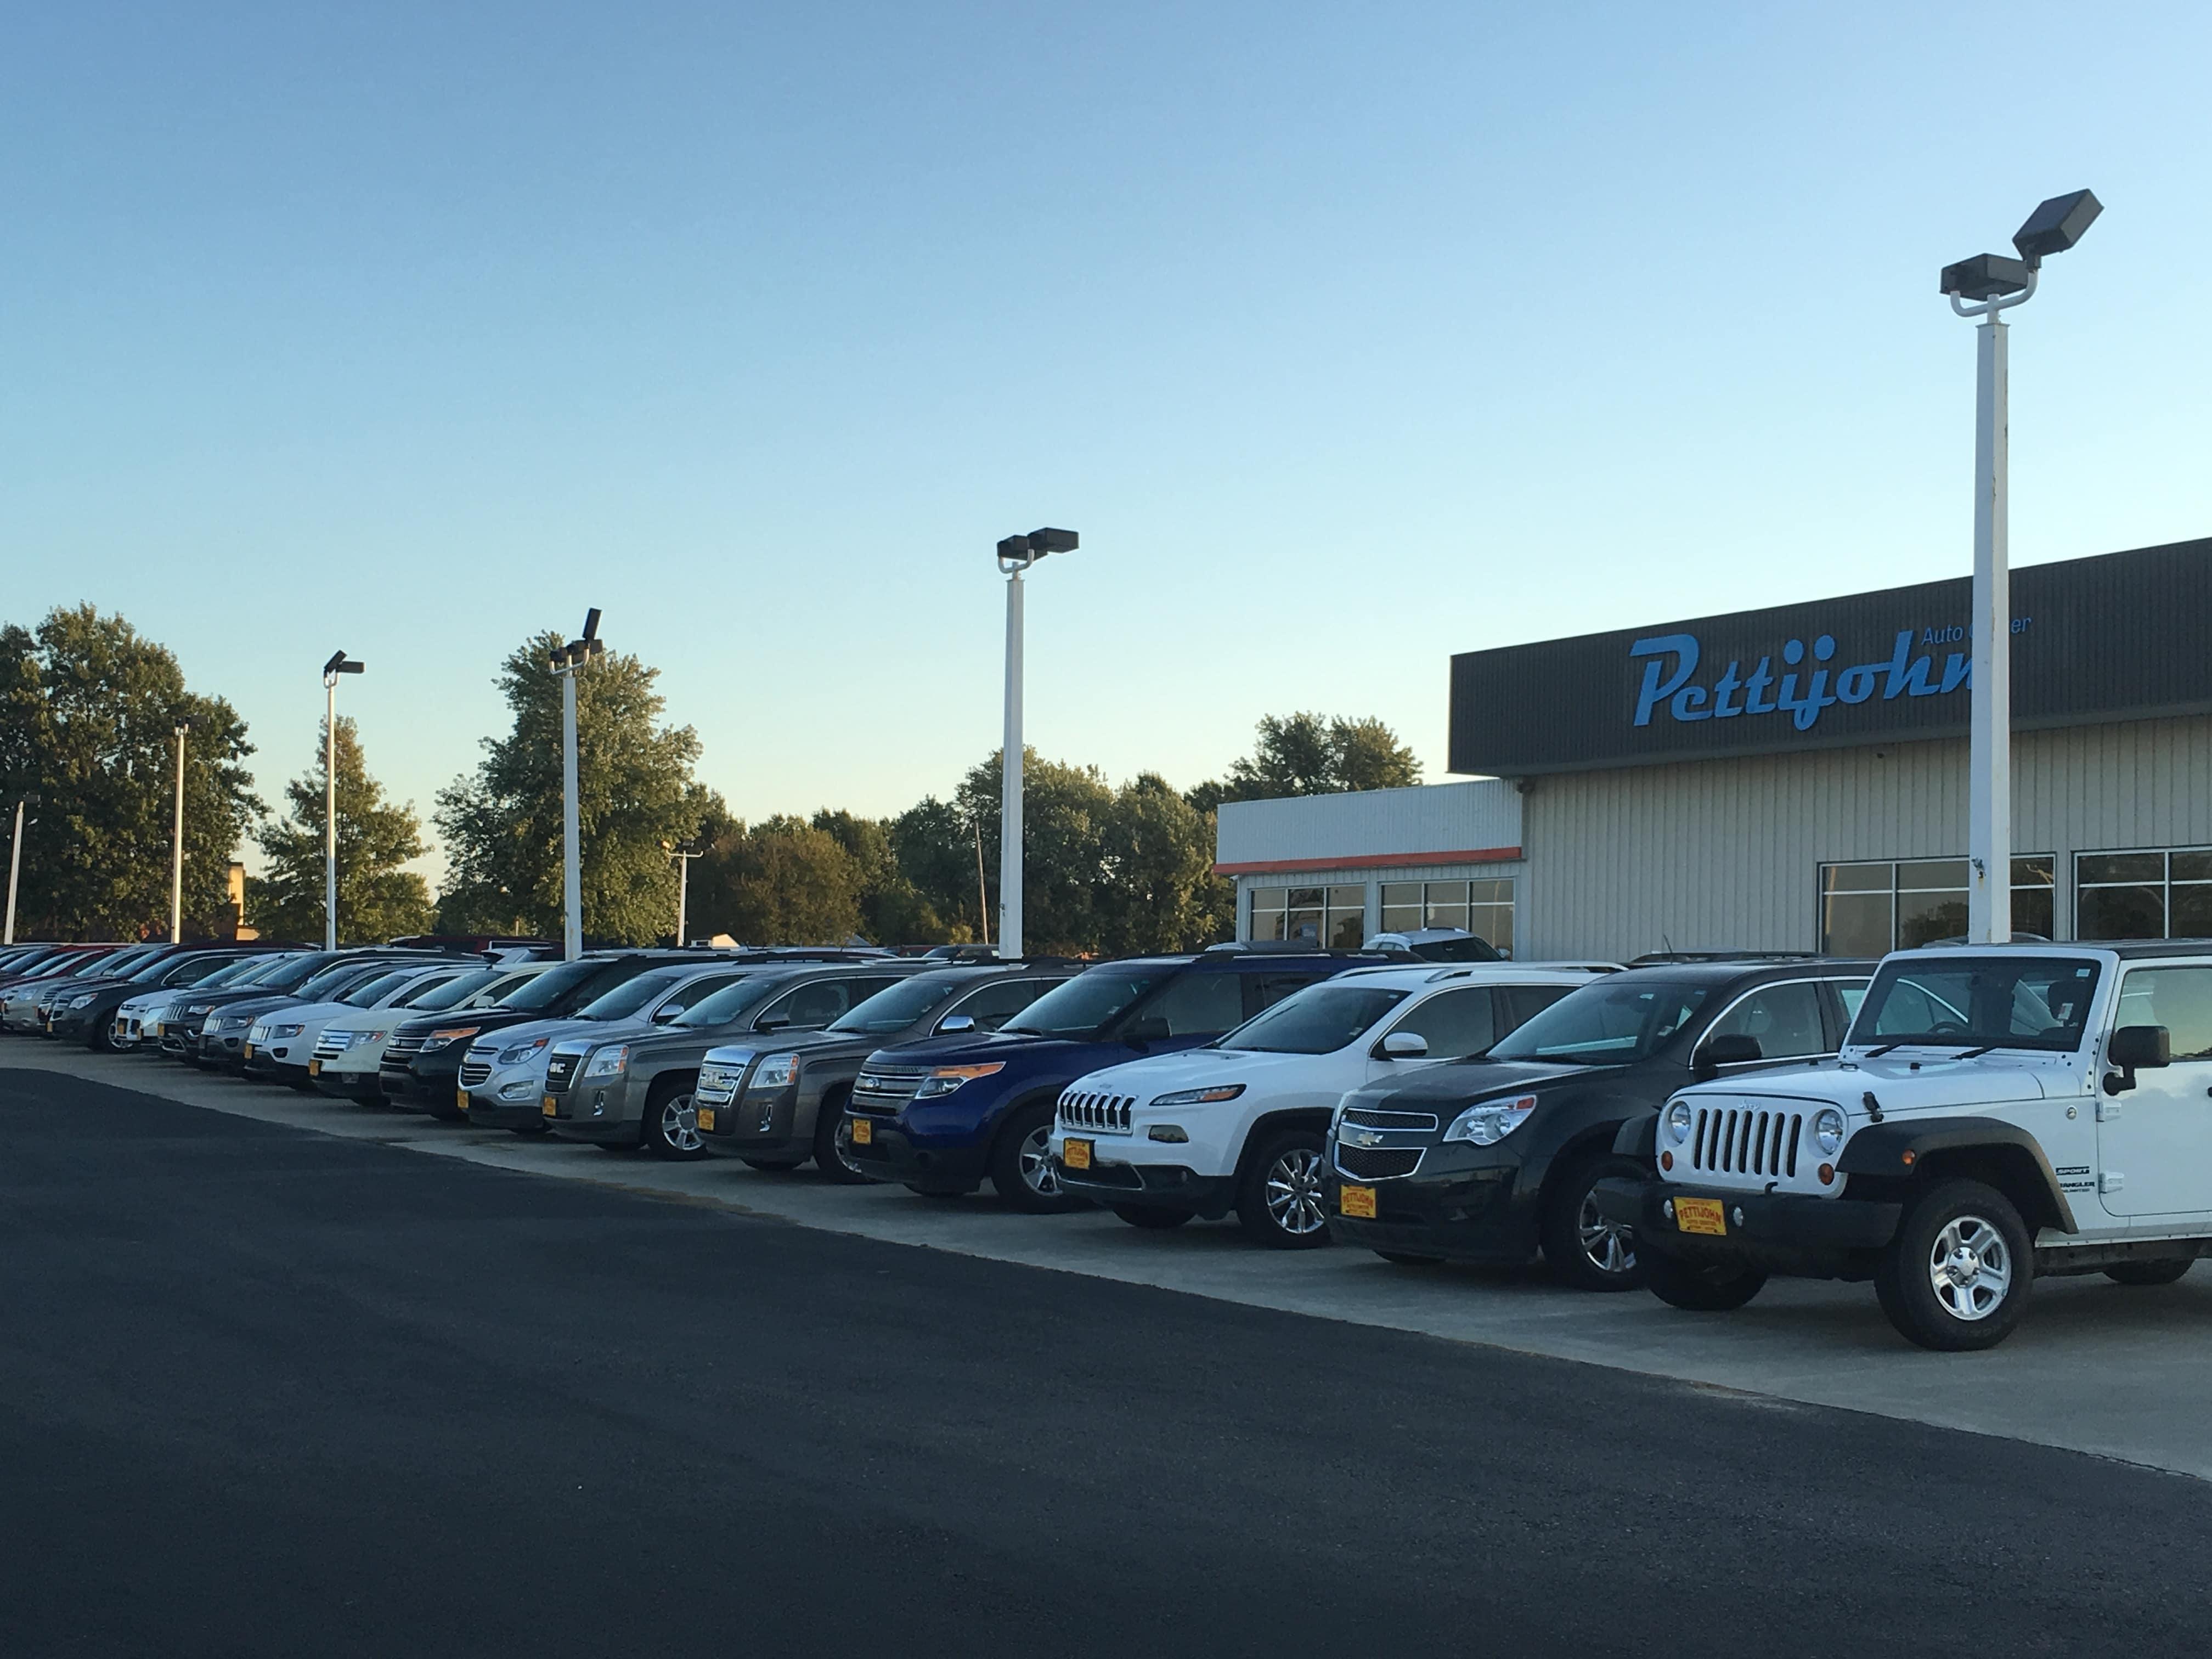 Cameron Missouri Used Cars Pettijohn Auto Center in Bethany MO